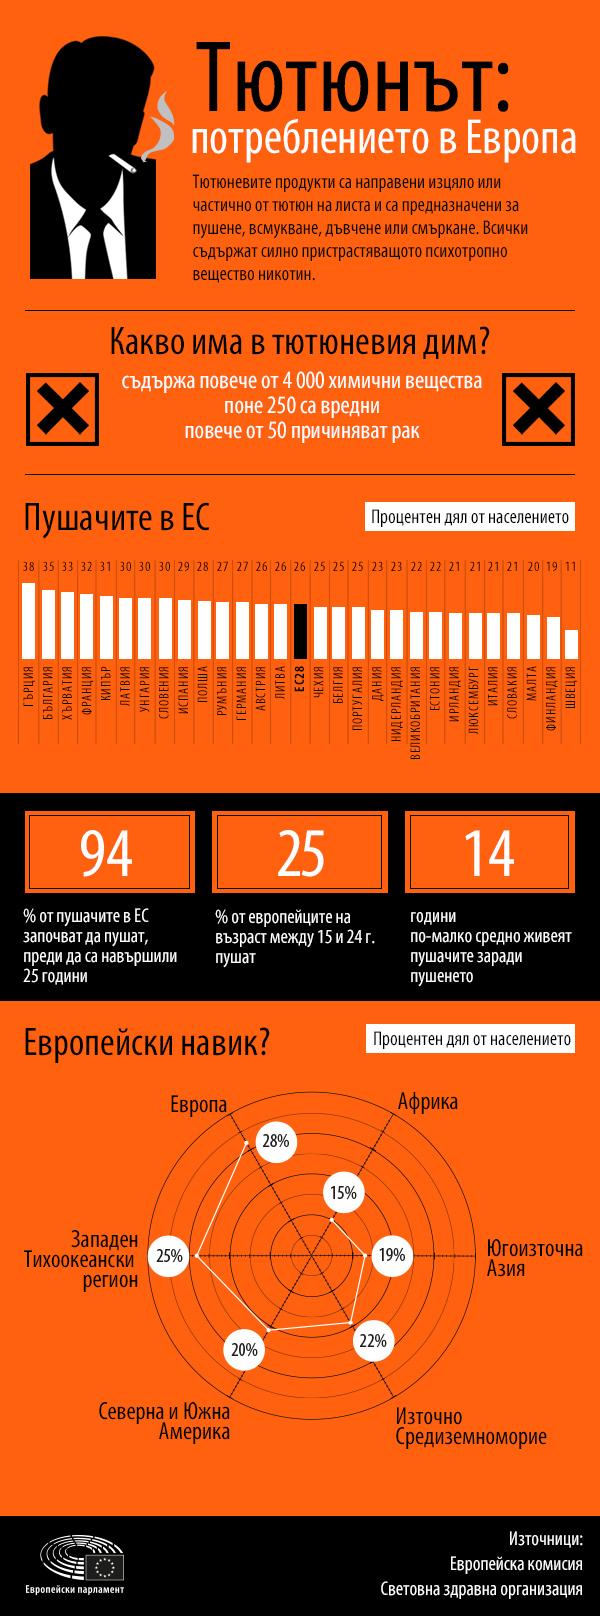 Смъртоносен навик: новите правила на ЕС за тютюневите продукти влизат в действие от утре